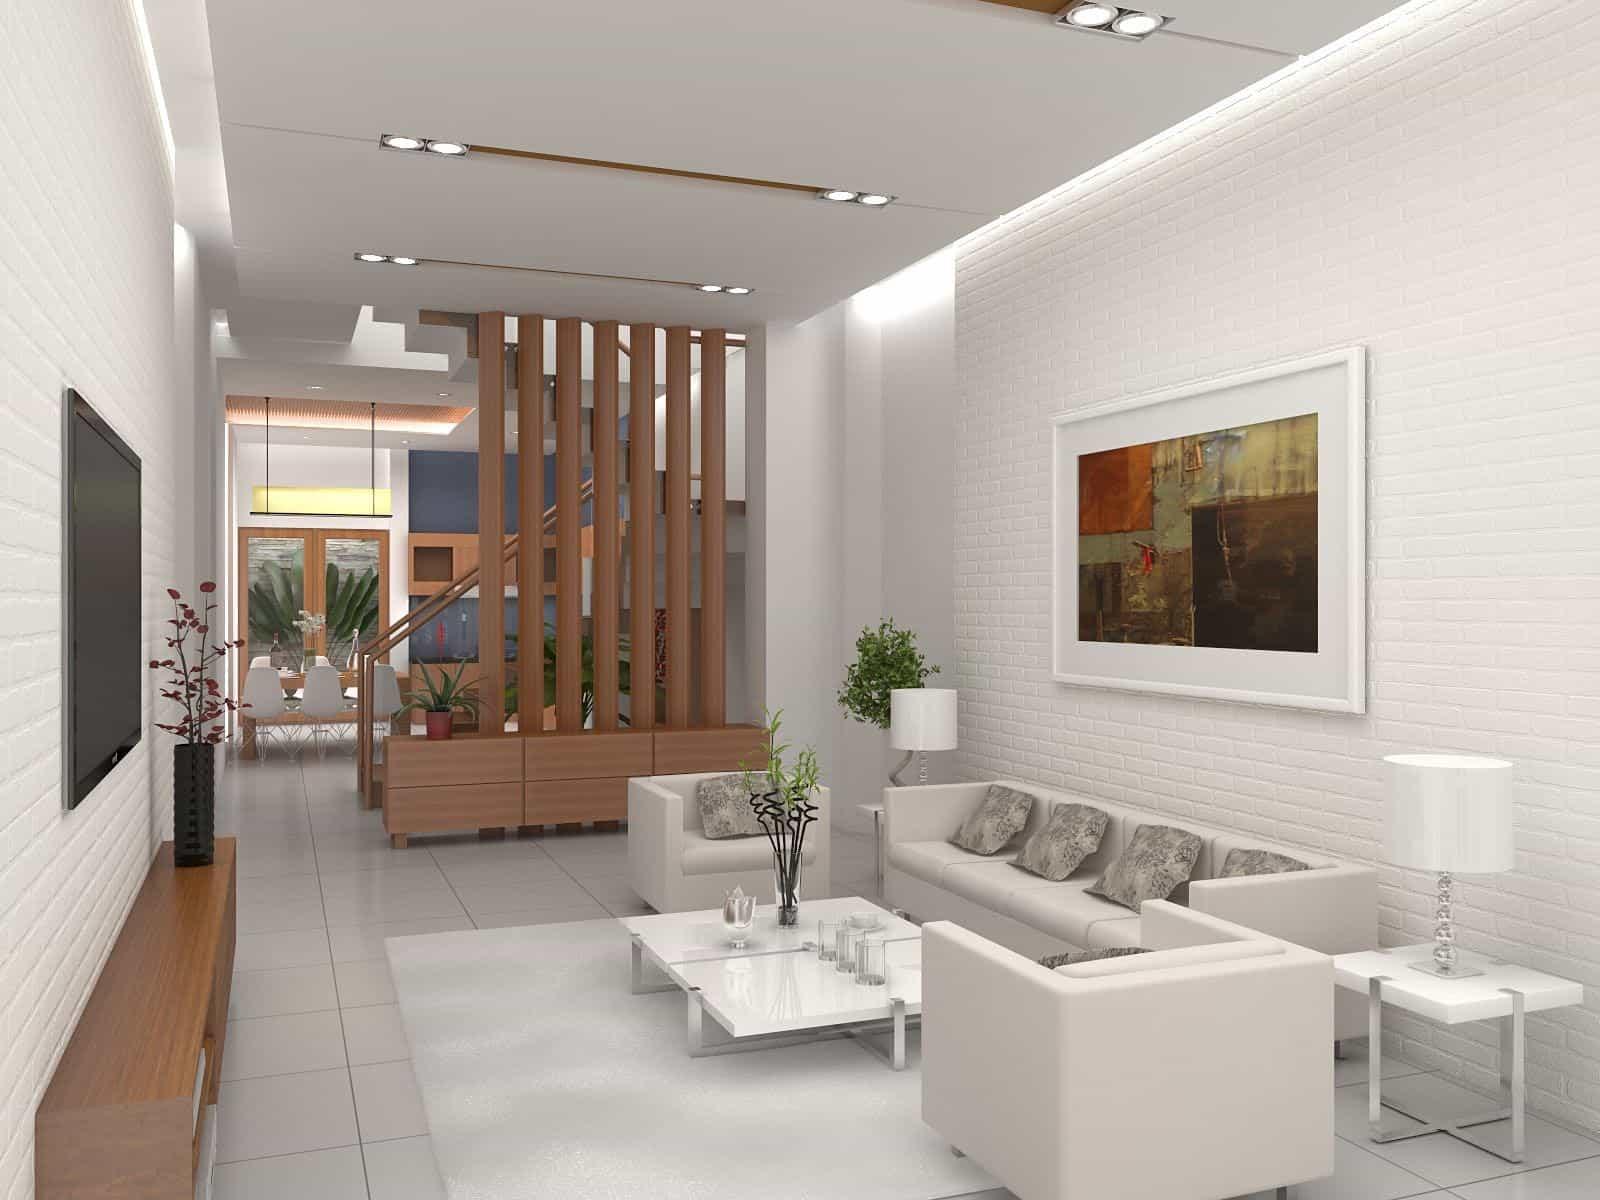 thiết kế nhà rộng 7m dài 11m